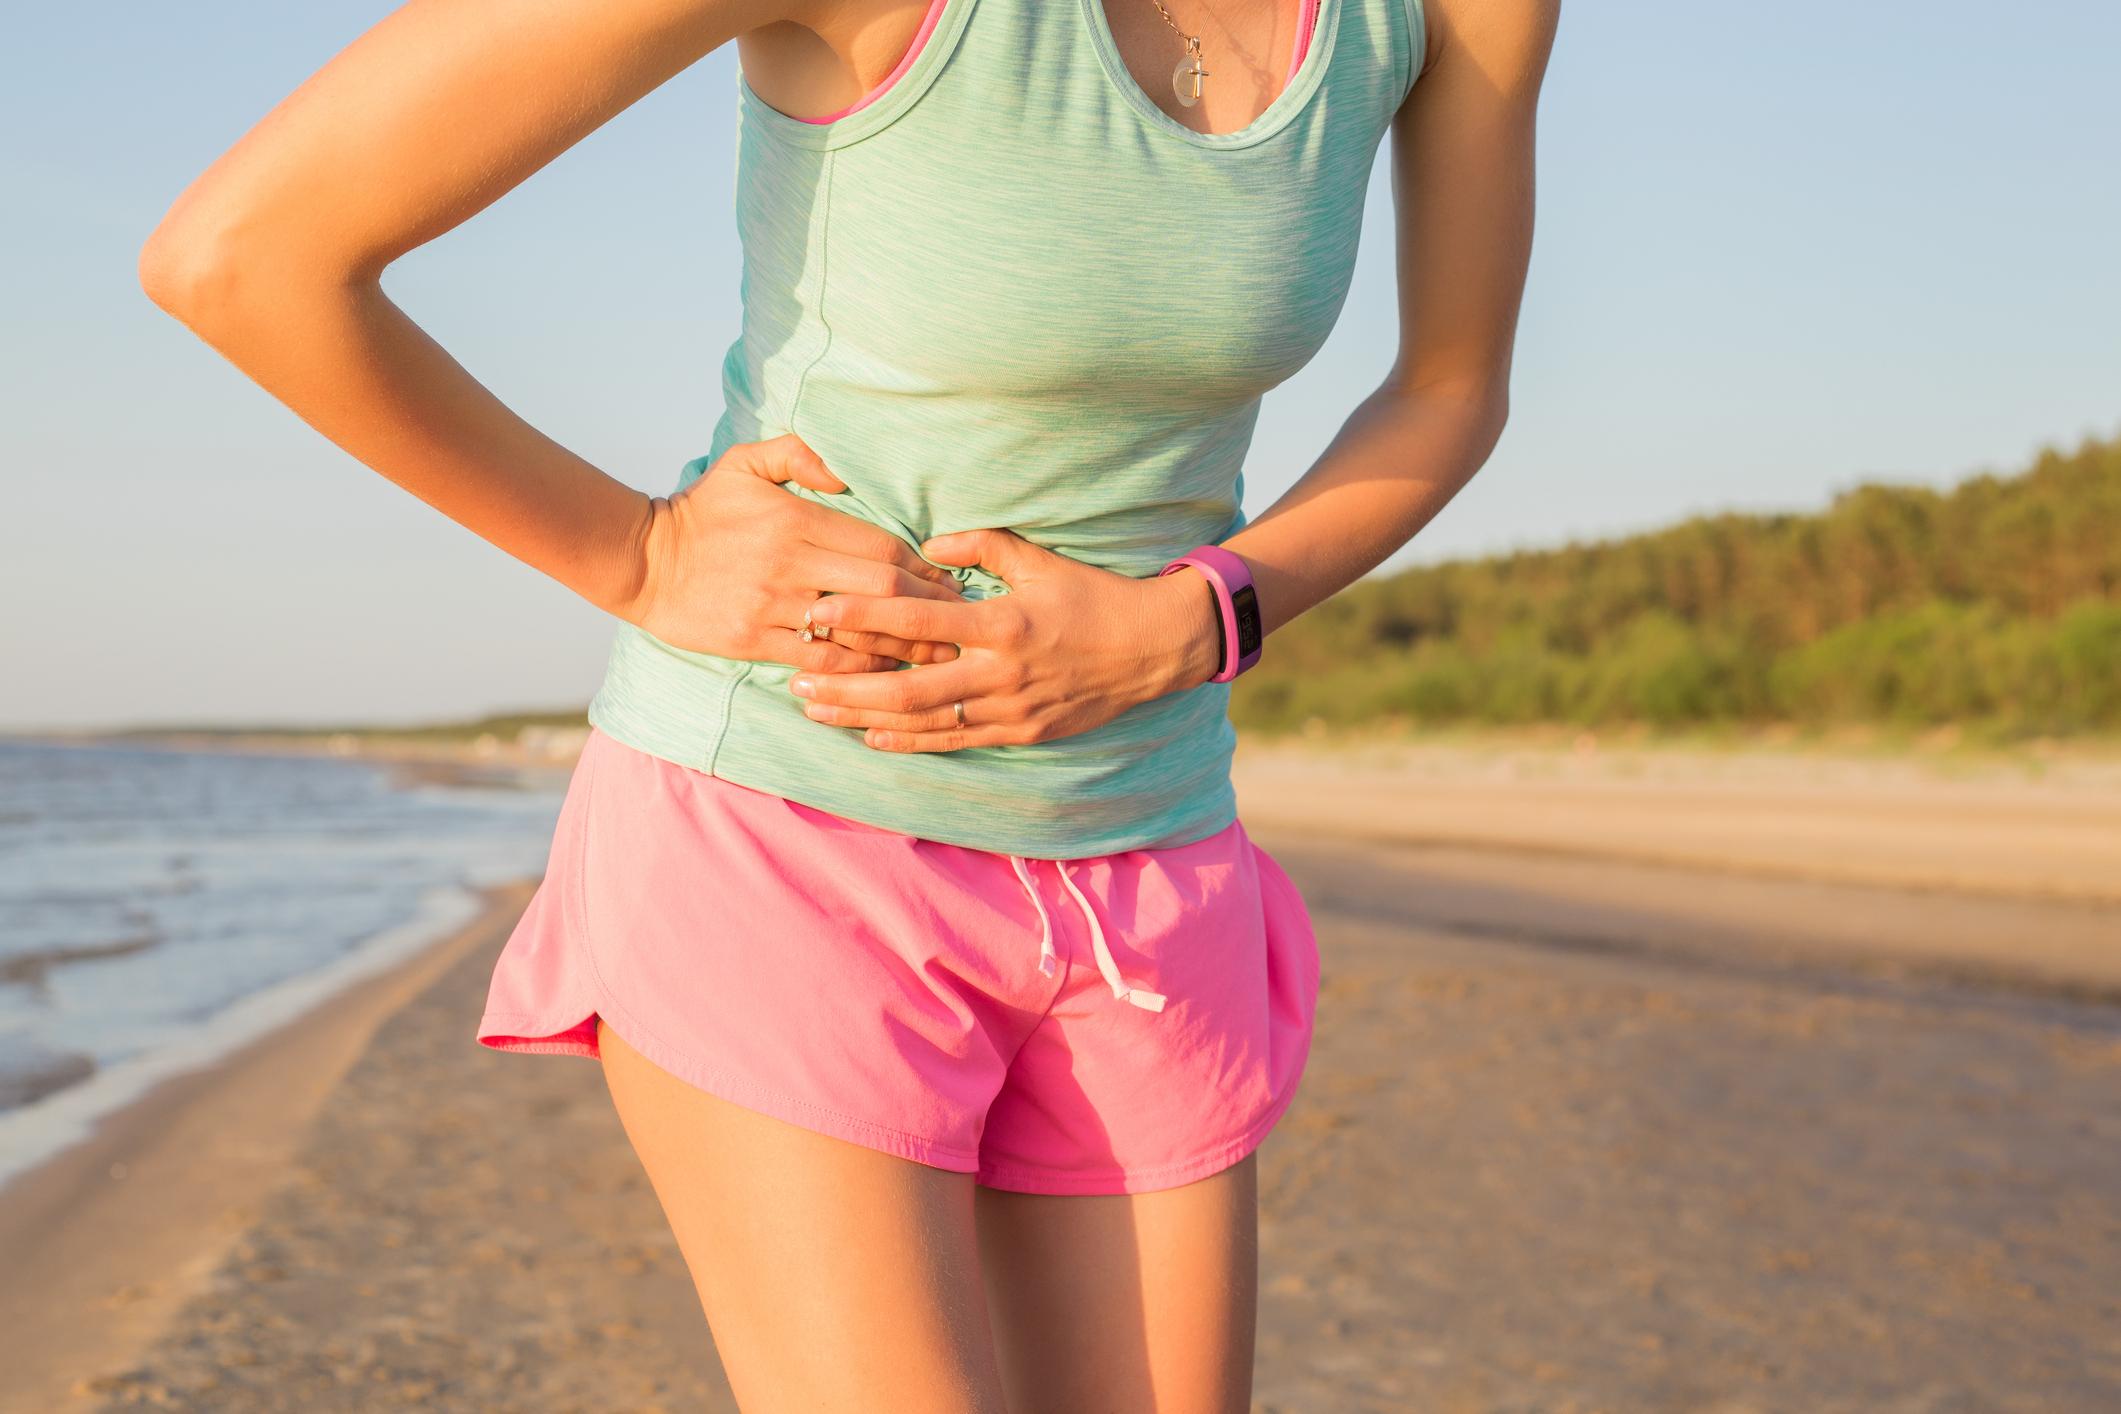 Чому болить в боці праворуч при бігу і що робити, щоб біль минув